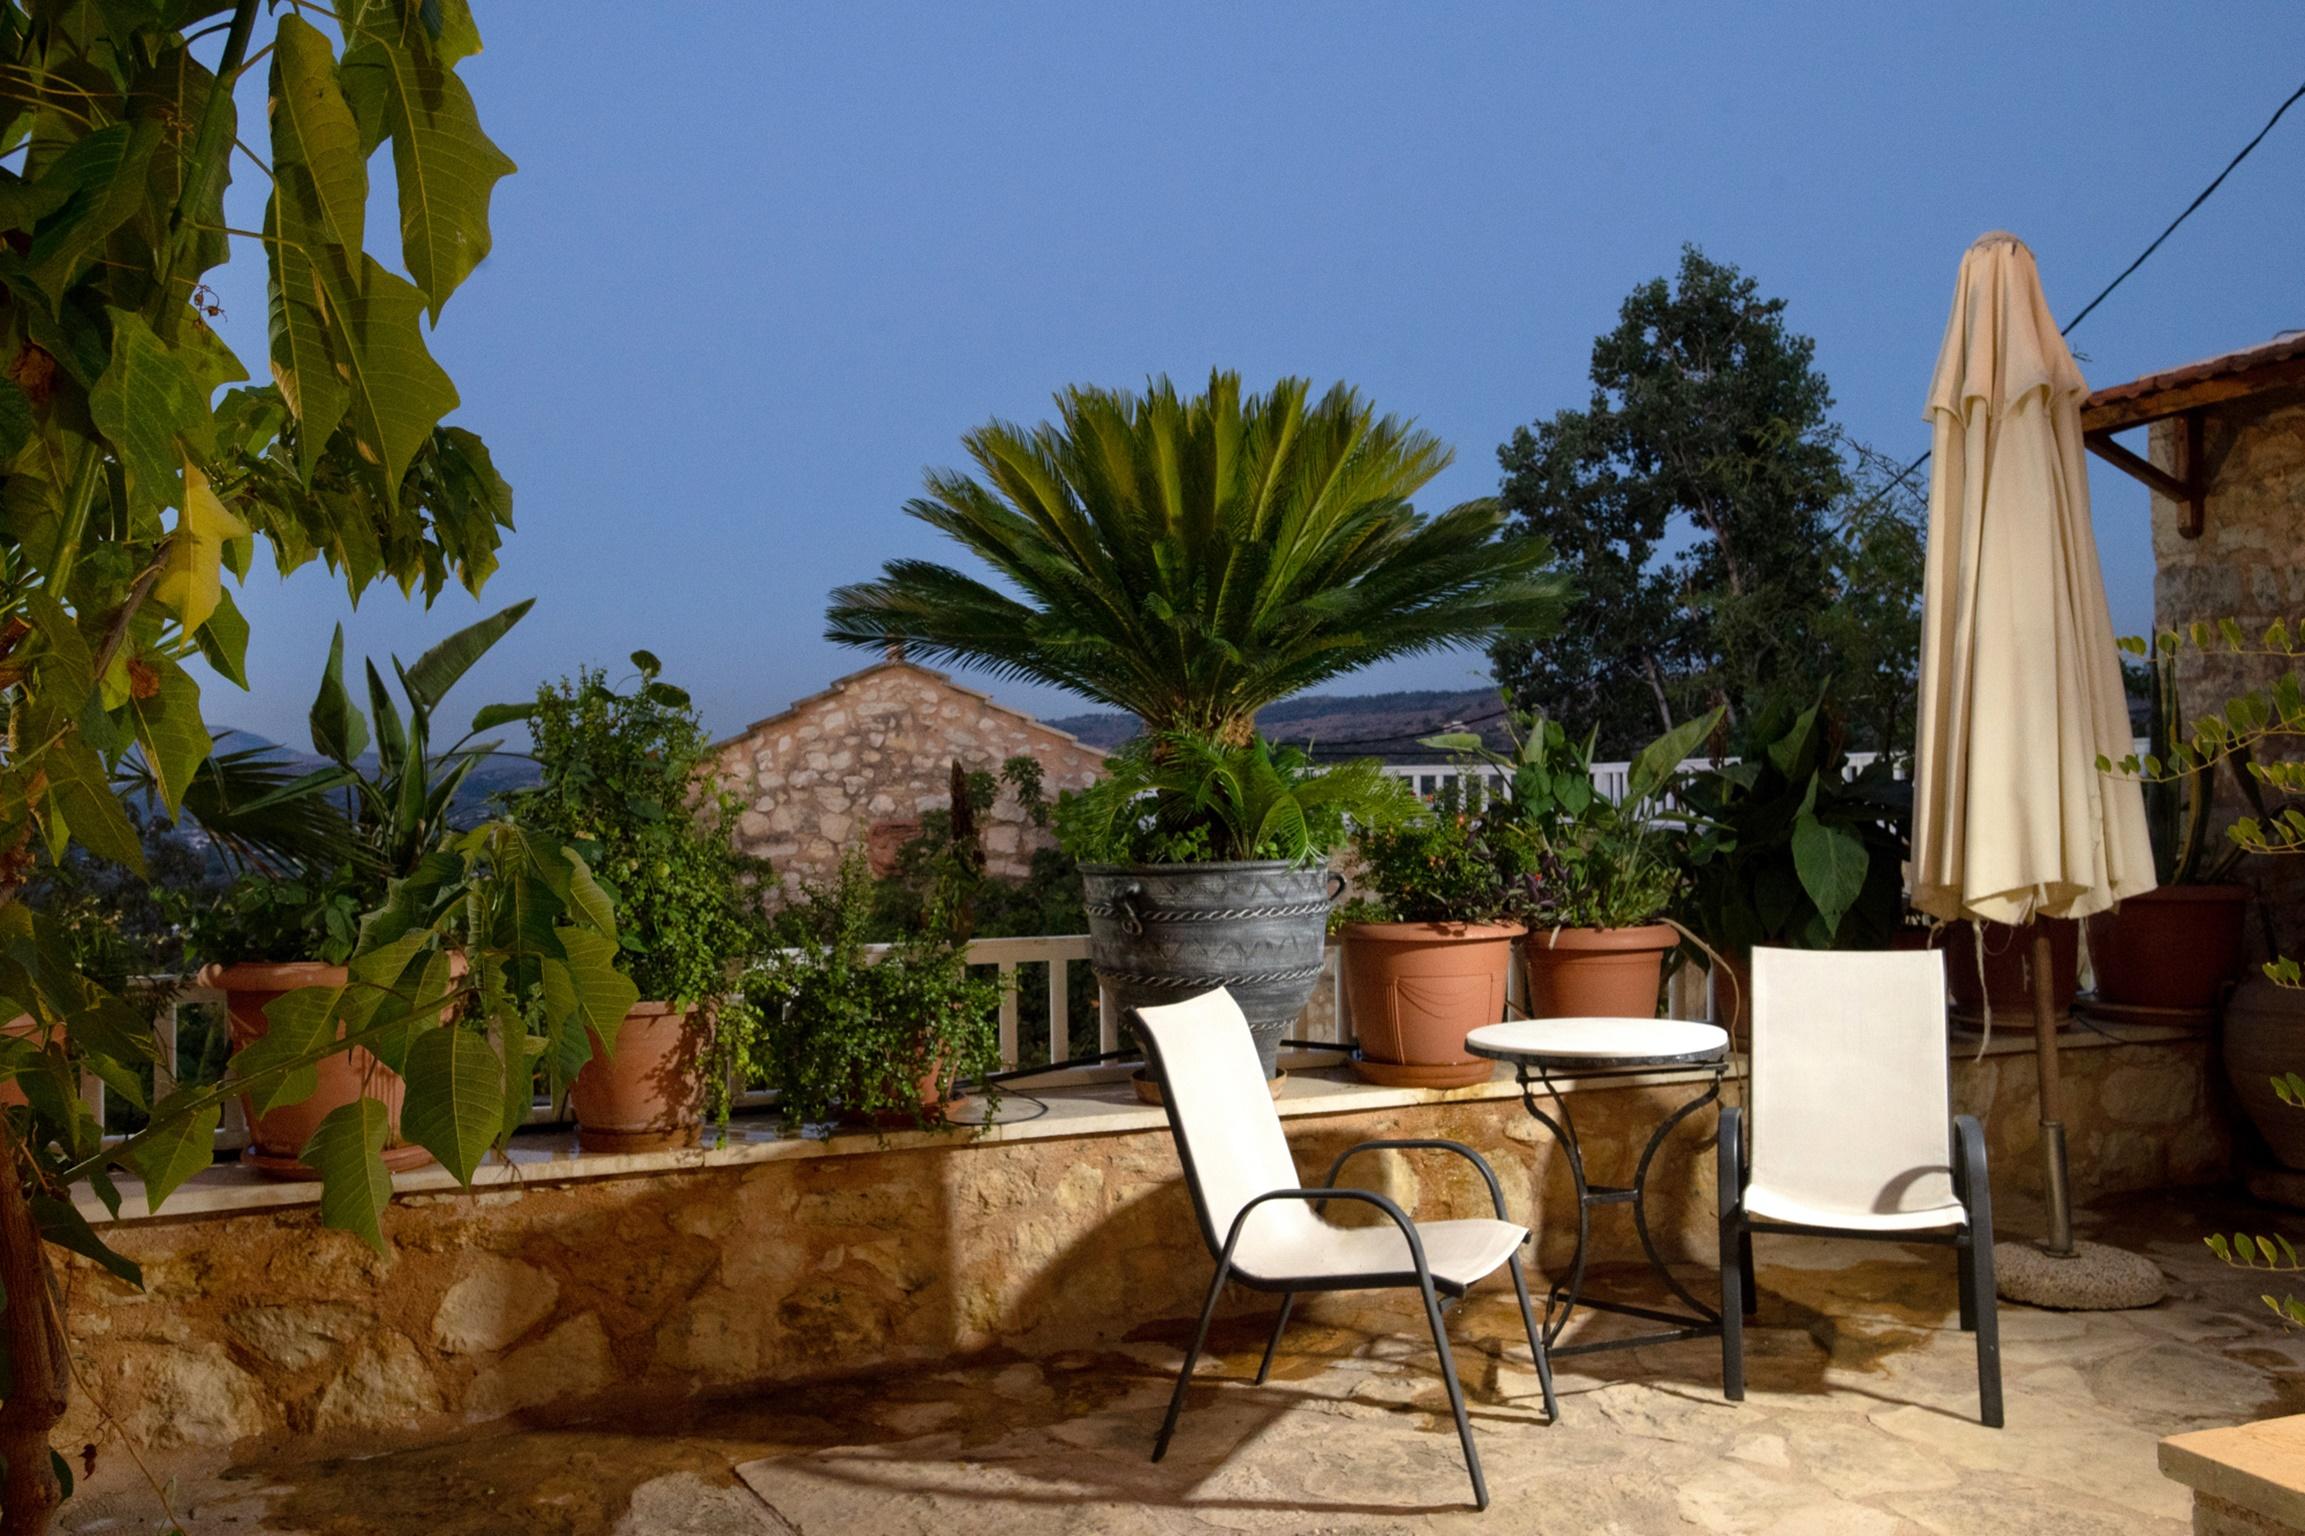 Ferienhaus Haus und Studio annektiert - Ideal groe Familien - kleines Dorf, nahe Strnde (2598996), Neon Khorion Kriti, Kreta Nordküste, Kreta, Griechenland, Bild 19